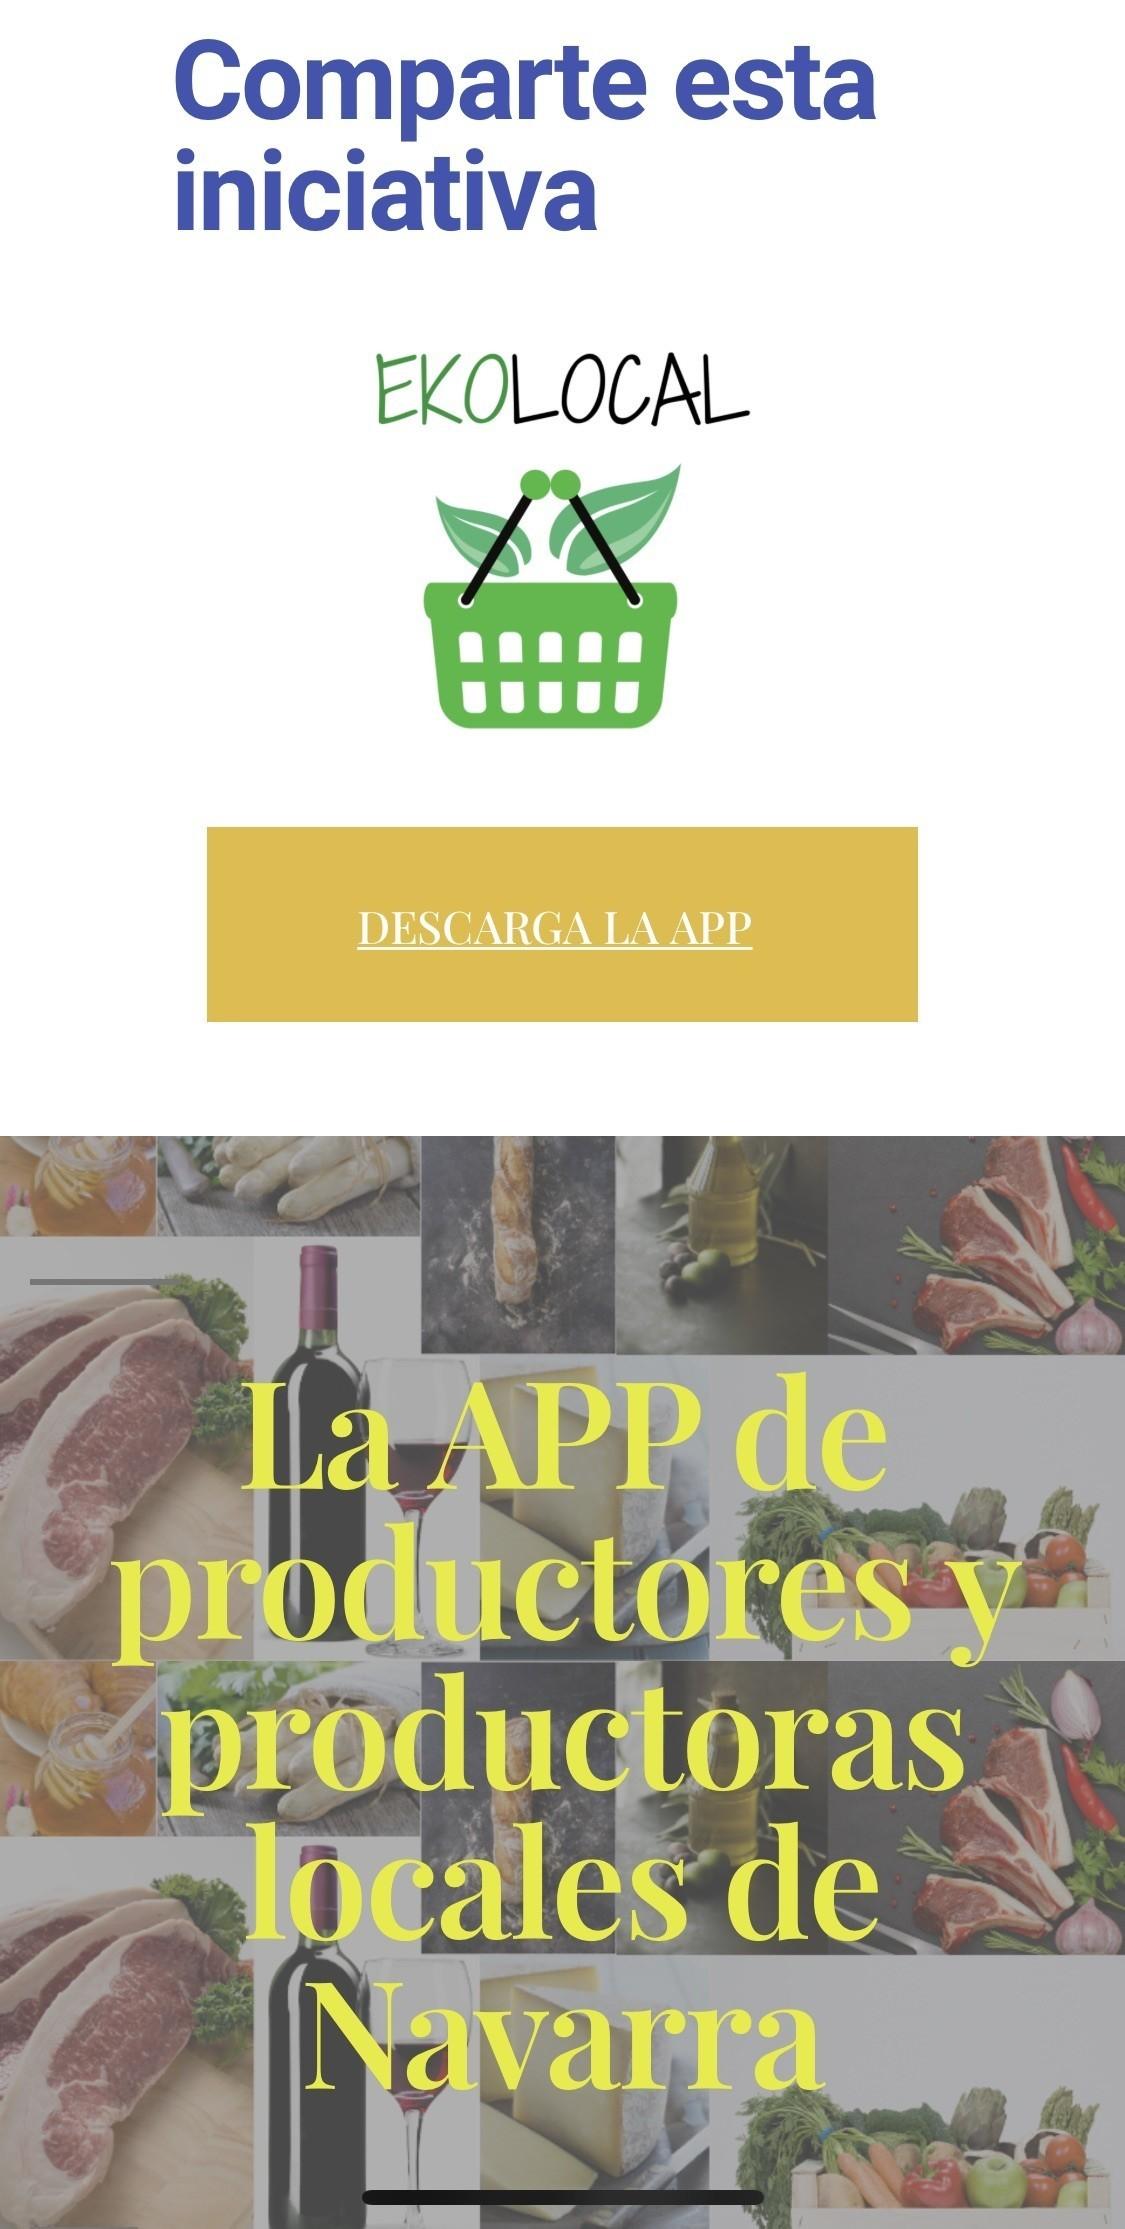 www.applikate.es